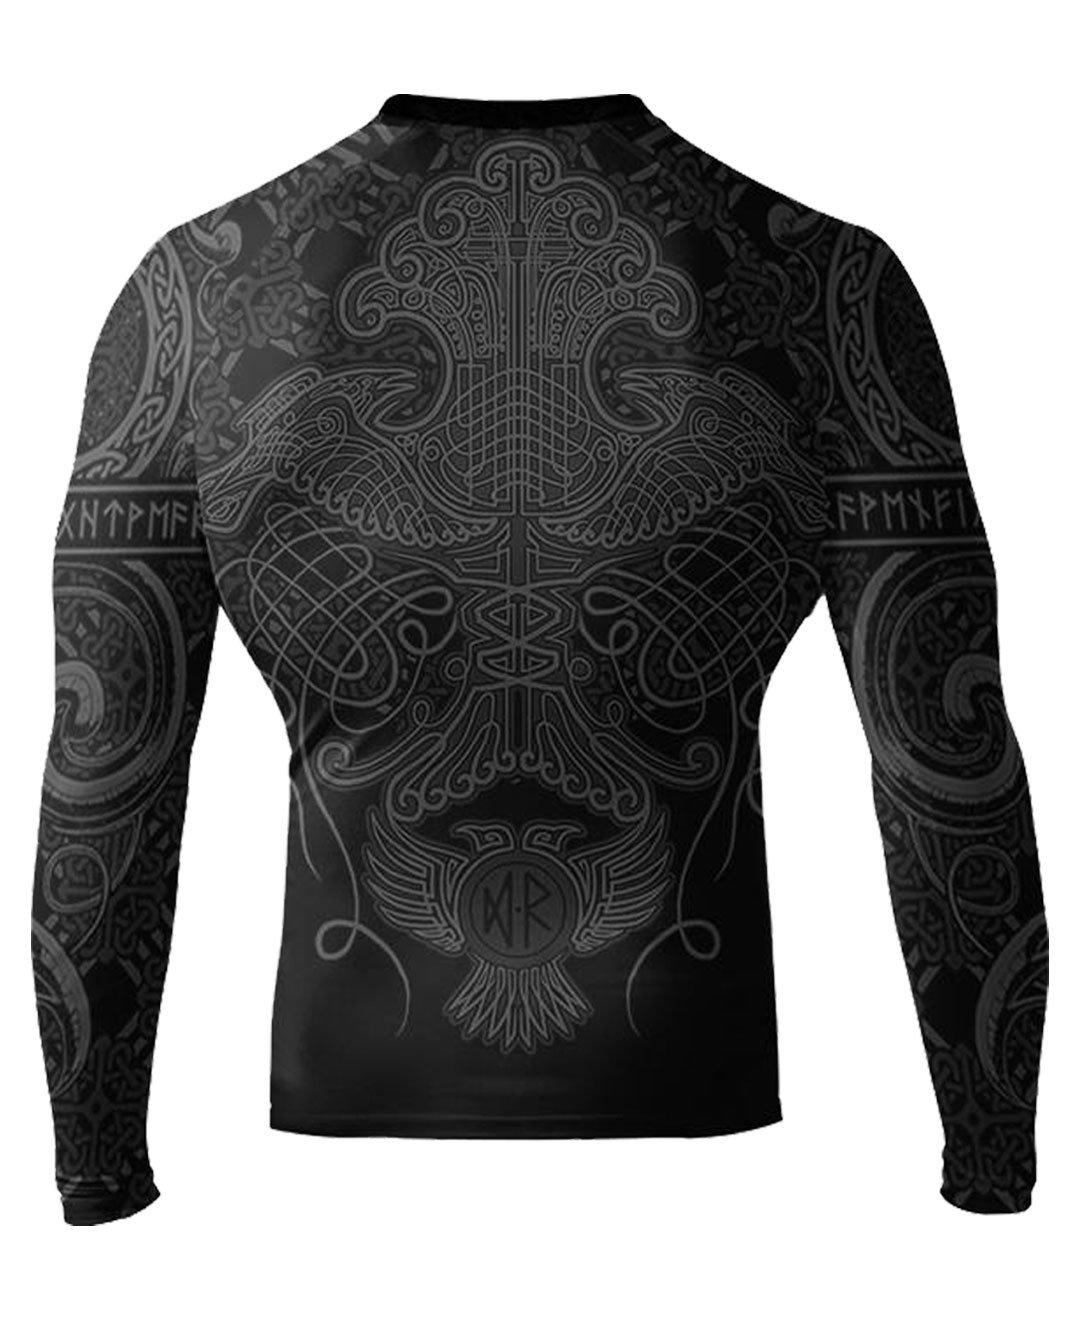 Raven Fightwear Rash Guard Nordic Camicia a Compressione Manica Lunga Uomo MMA Fitness Crossfit BJJ Grappling